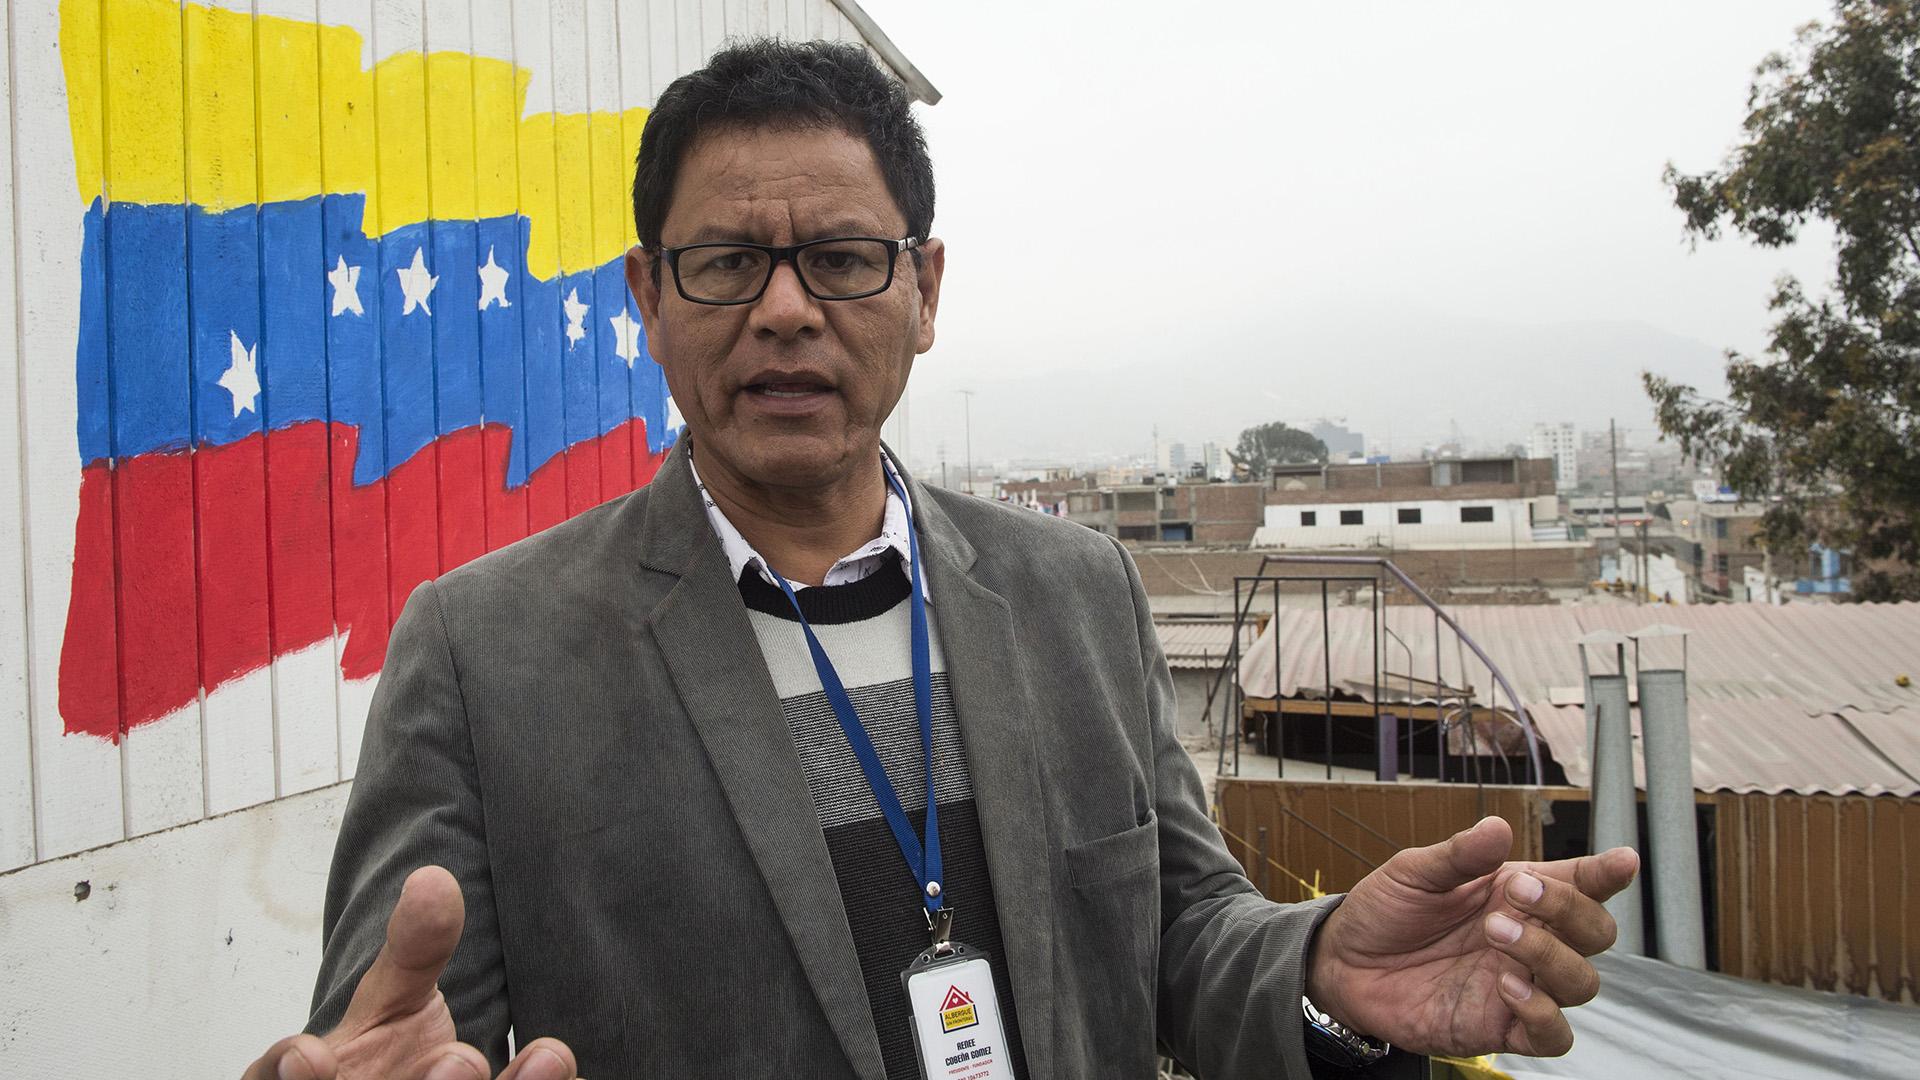 """El empresario Cobeña, que no recibe apoyo del gobierno ni de organizaciones privadas, acaba de pedir ayuda a la agencia de la ONU para los refugiados, pero mantendrá el albergue aunque no la consiga. """"Les voy a dar la mano hasta donde se pueda"""", dice"""